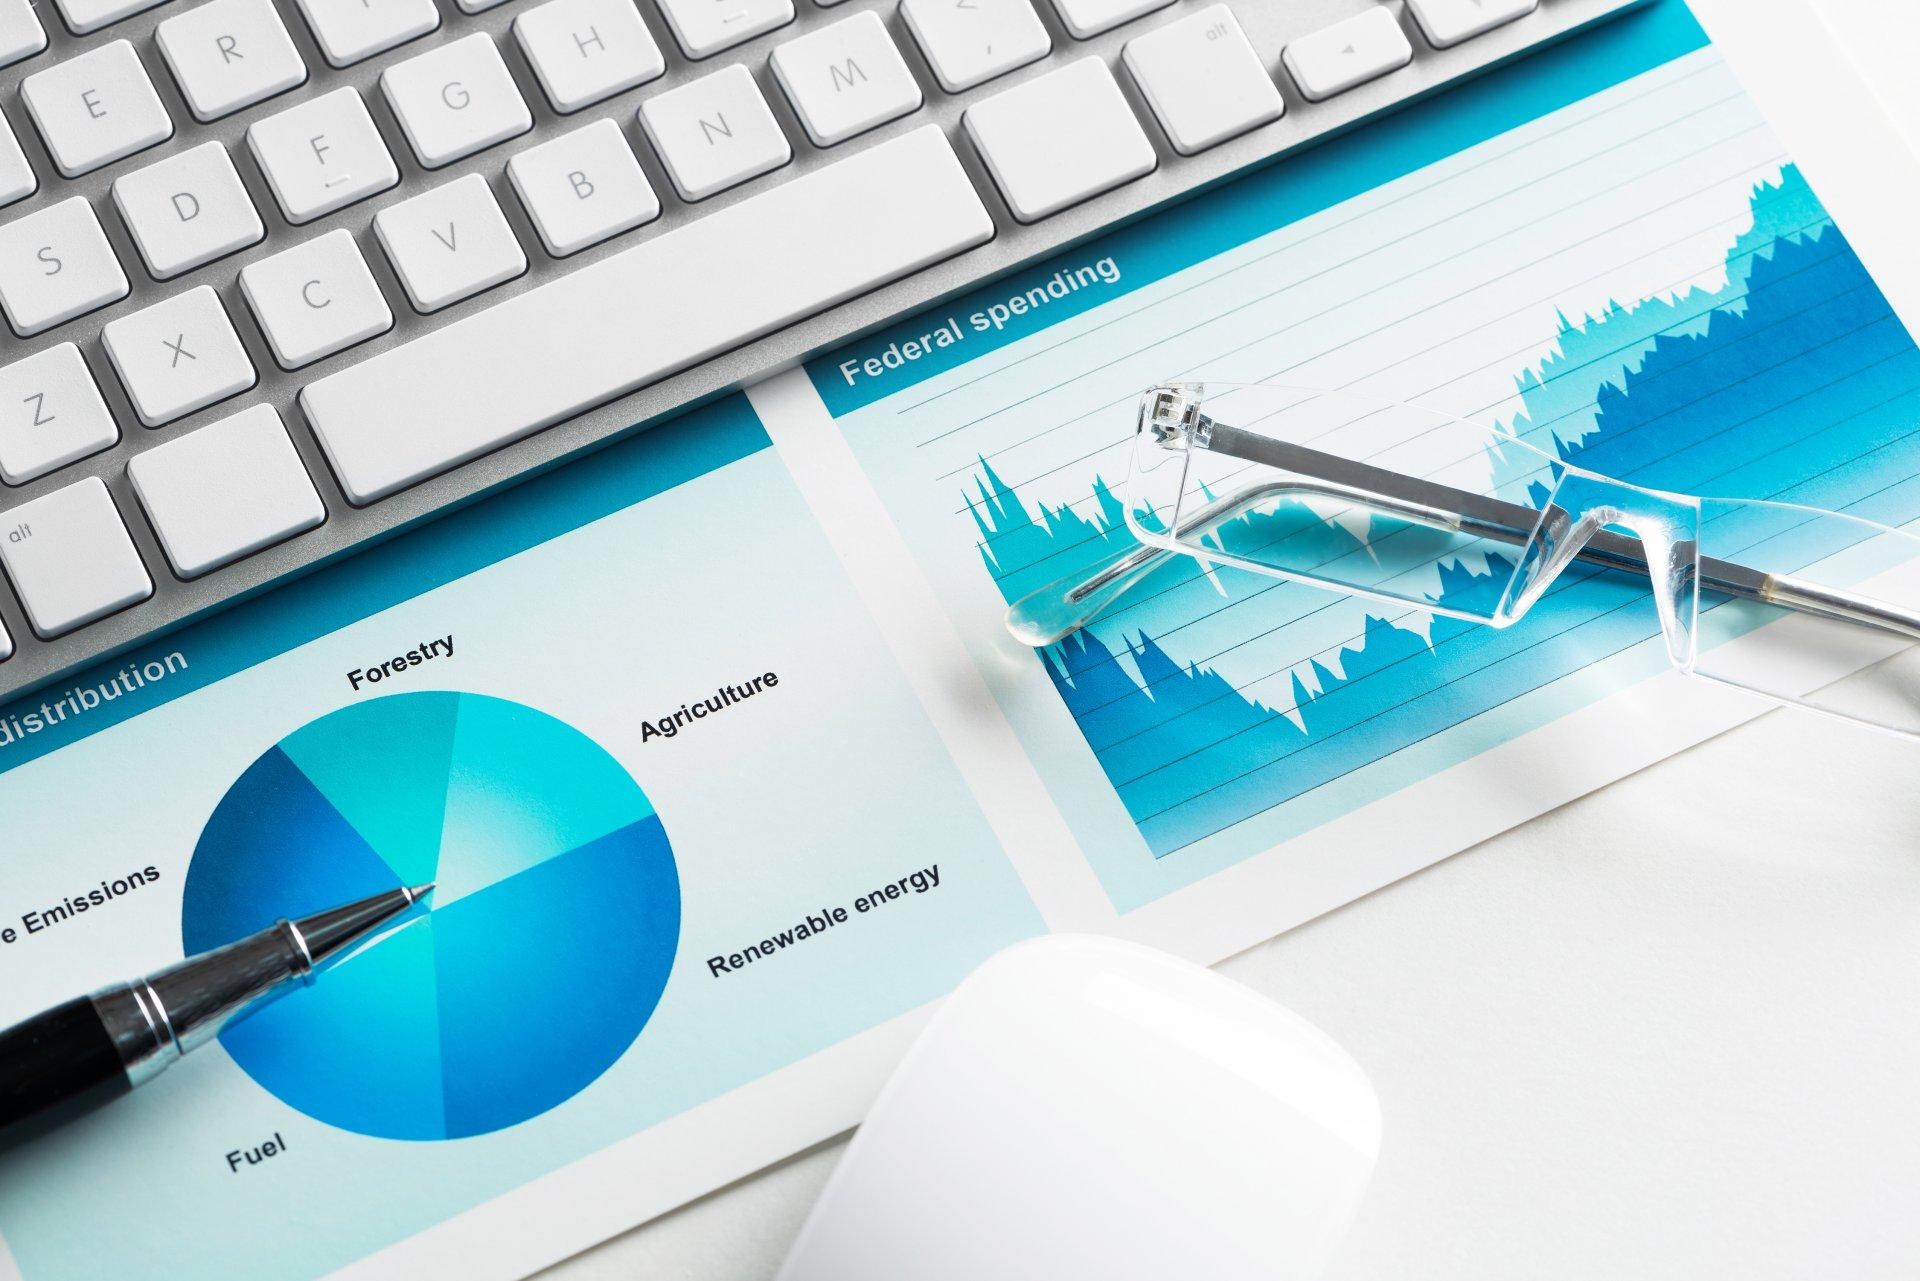 ERP нэвтрүүлэх төслийн гүйцэтгэлийг KPI-аар үнэлэх нь